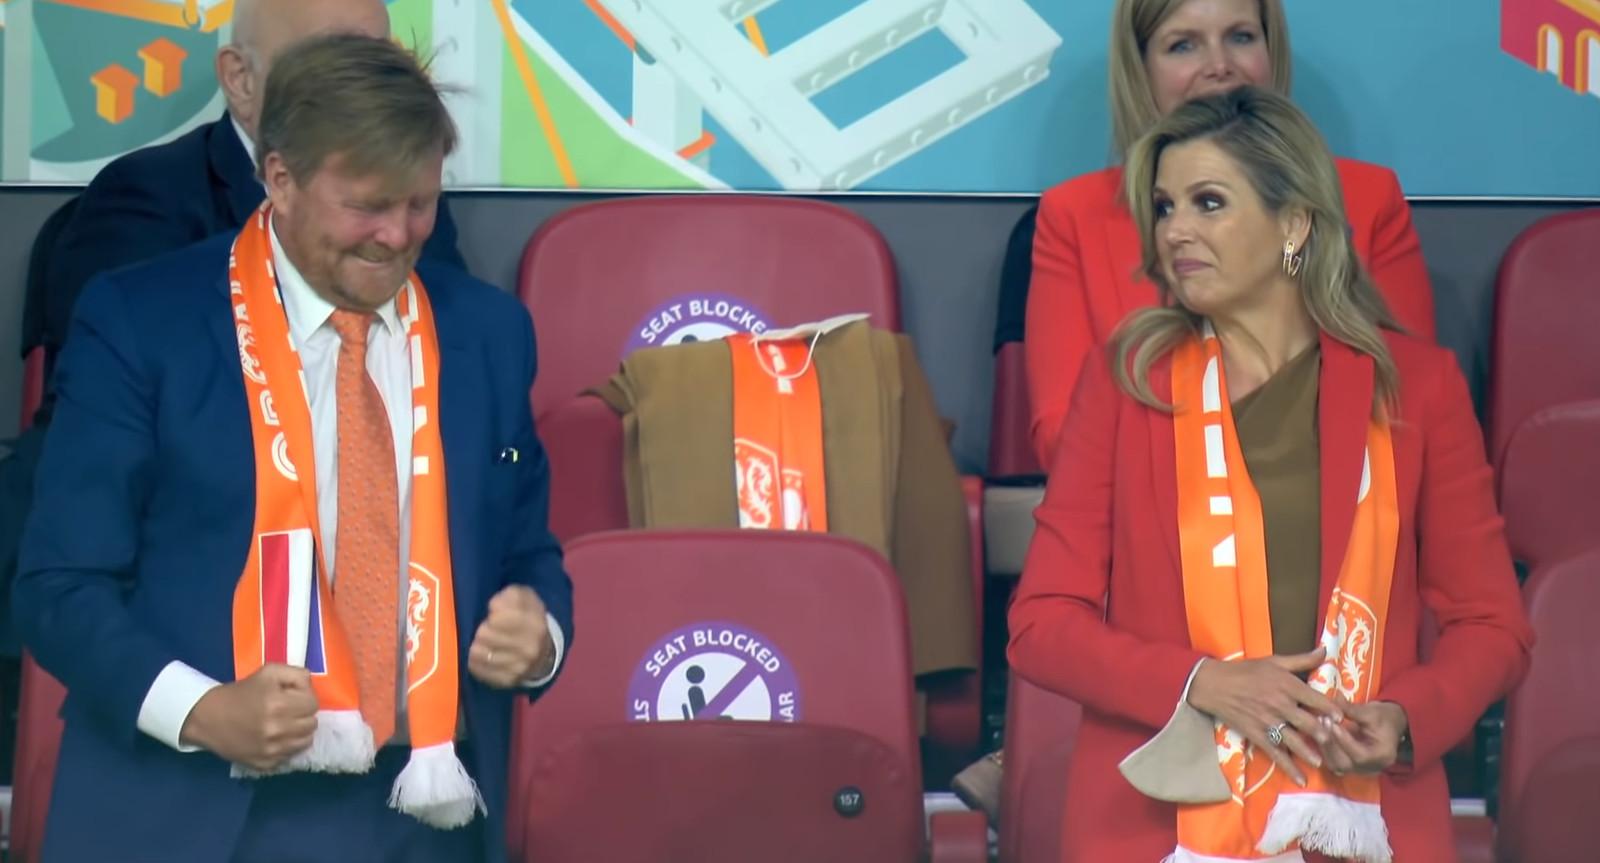 Koning Willem-Alexander juichend op de tribune in de Arena.